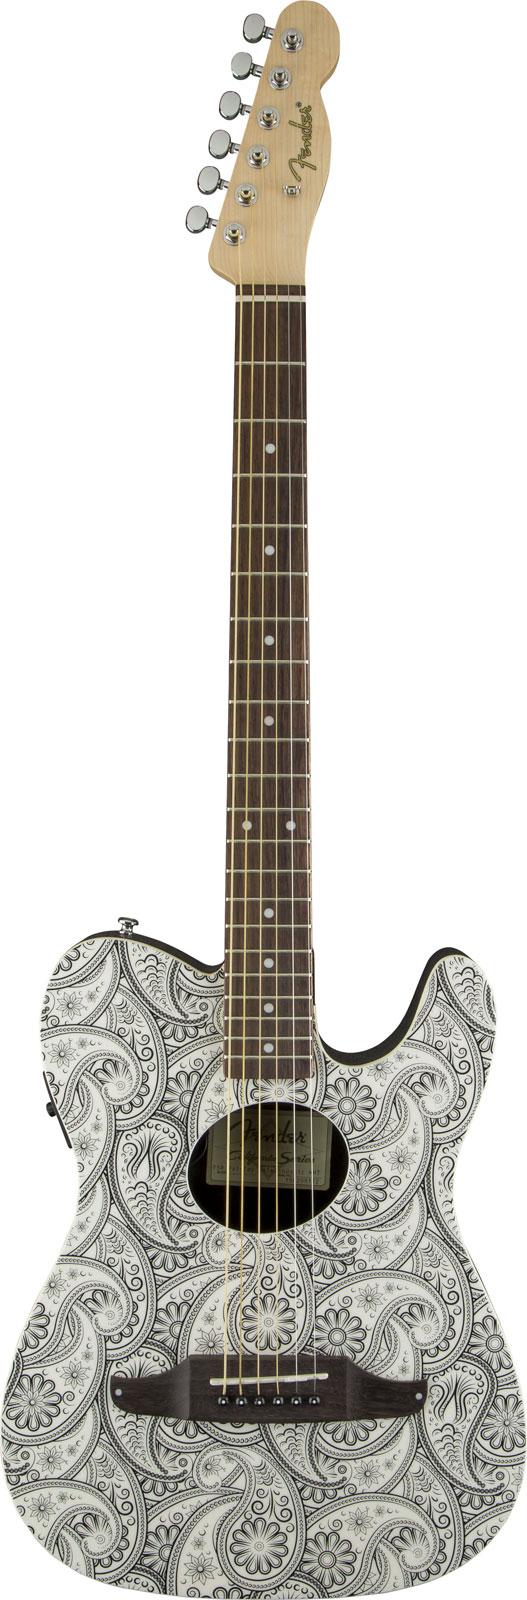 Fender Standard Telecoustic White Paisley